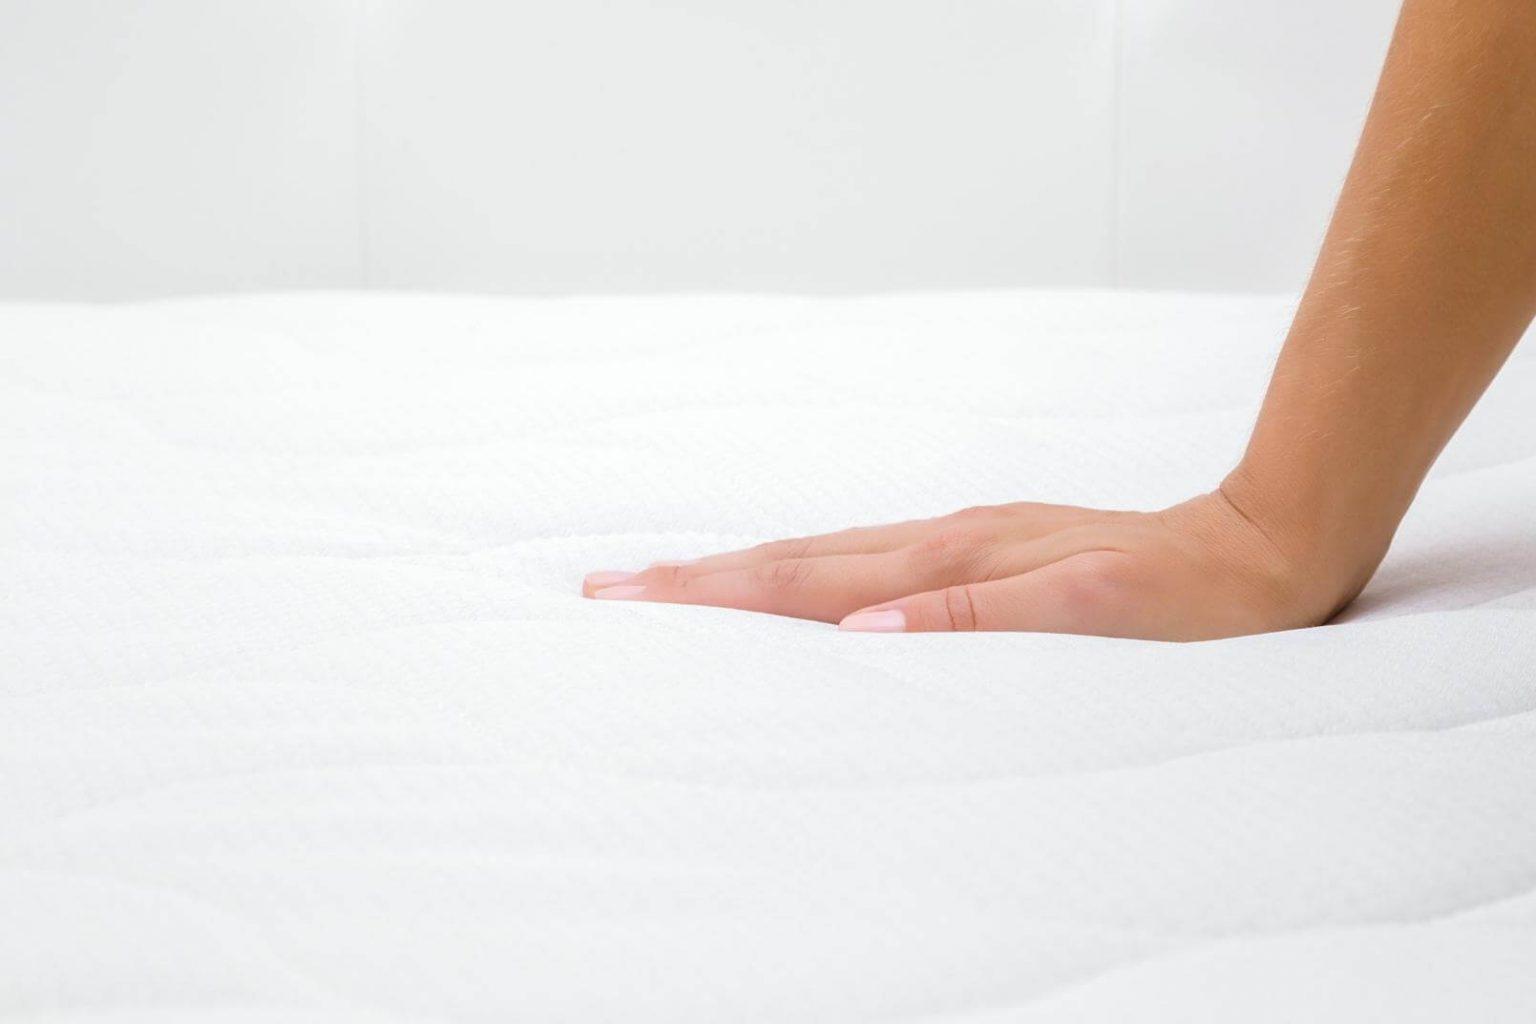 記憶床墊、乳膠床墊比較,記憶床墊缺點多嗎?